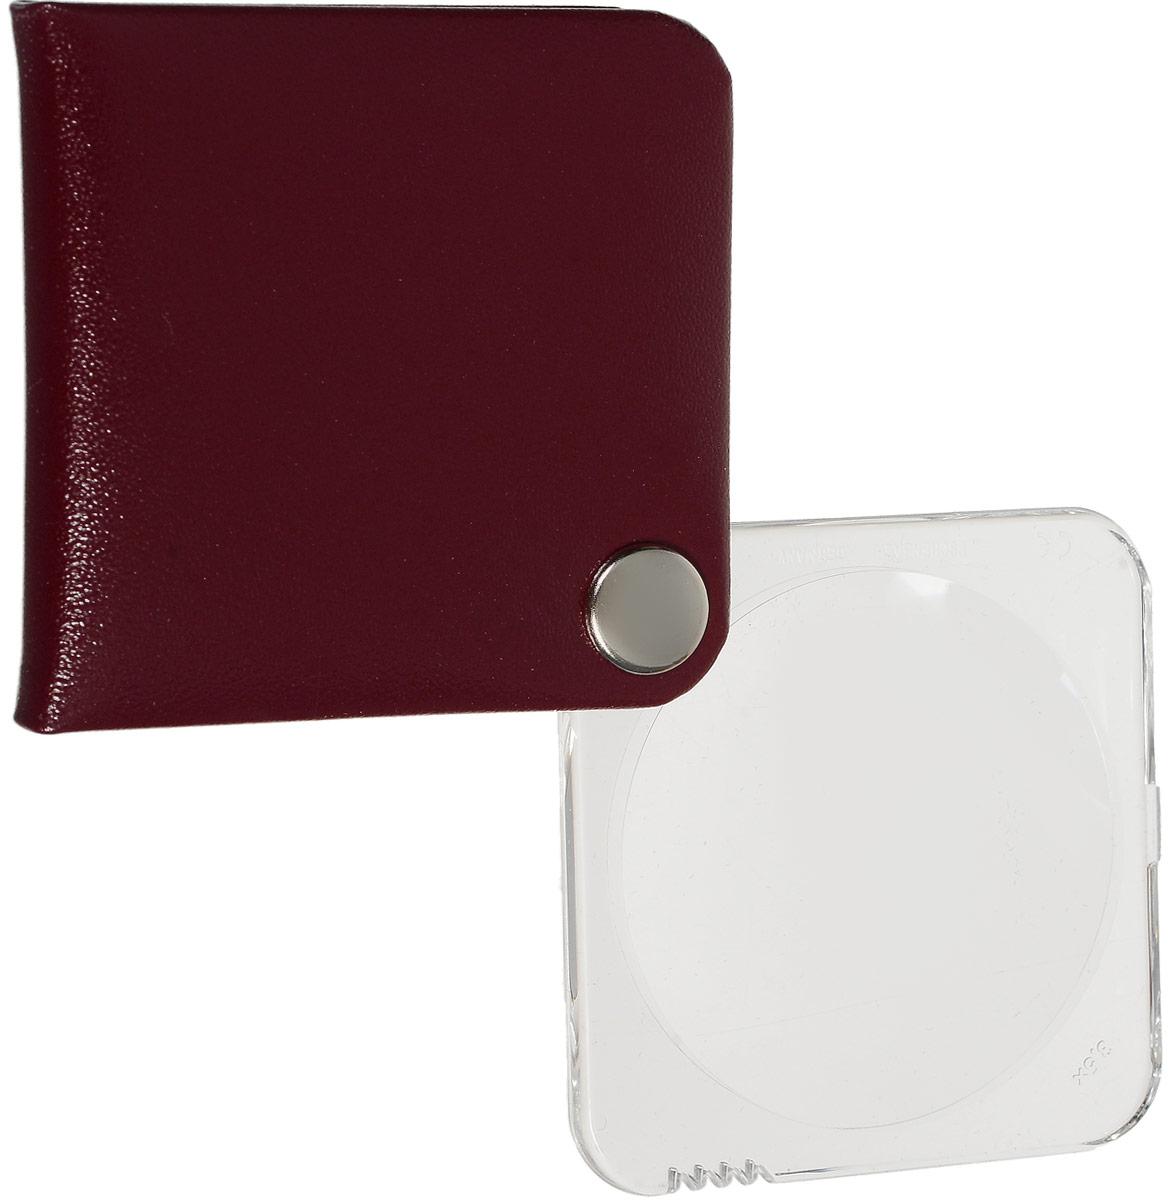 Лупа складная Eschenbach  Classic , цвет: малиновый, прозрачный, 3.5х 10.0 дптр, диаметр 5 см